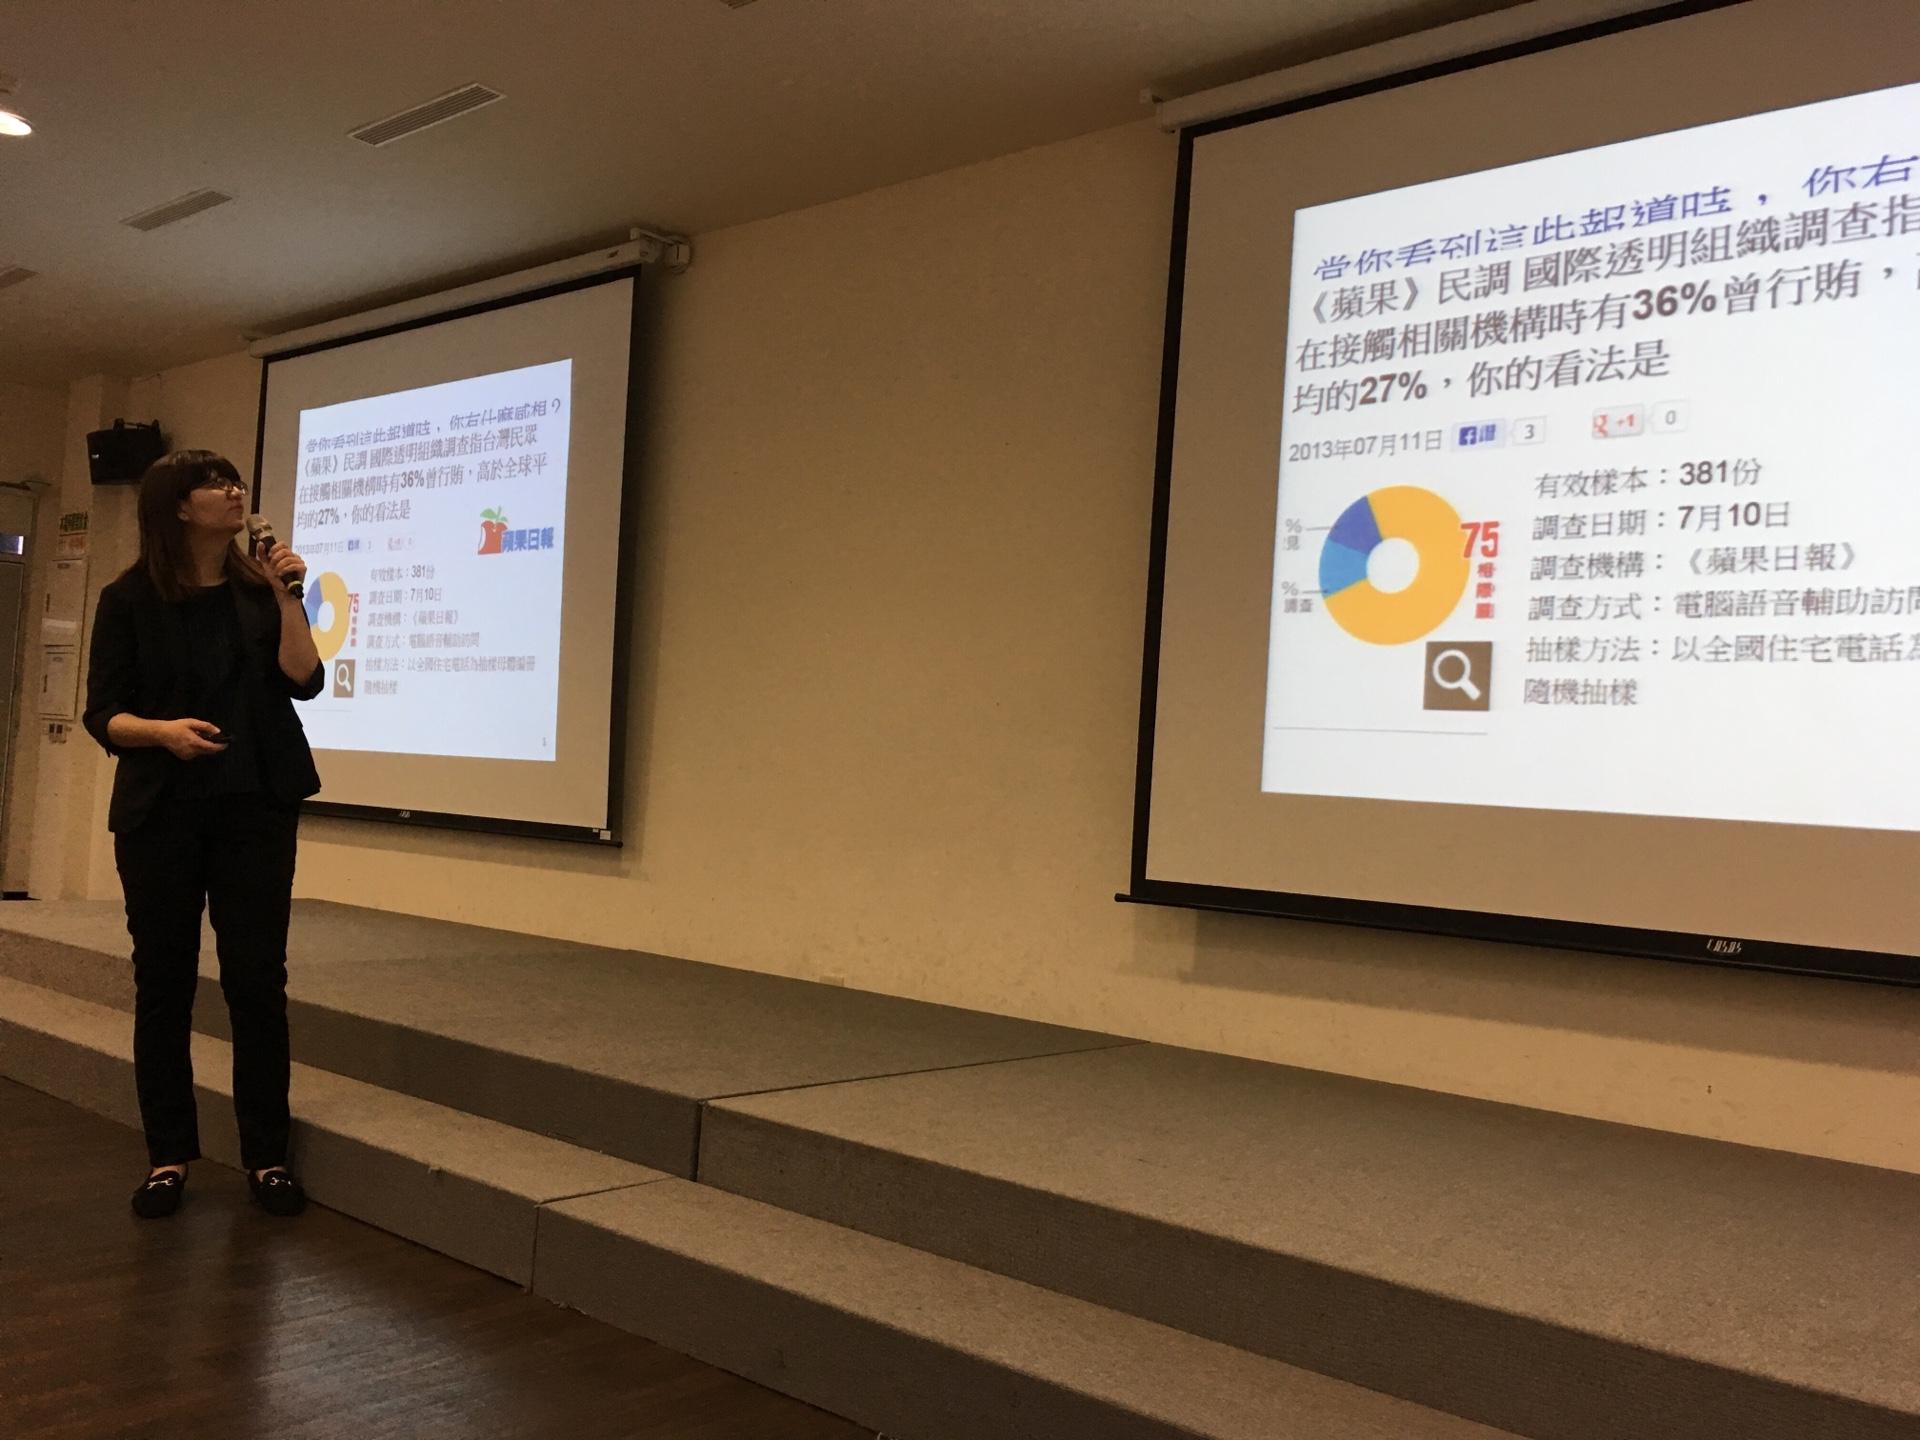 臺南地方檢察署謝欣如檢察官進行廉政專題演講